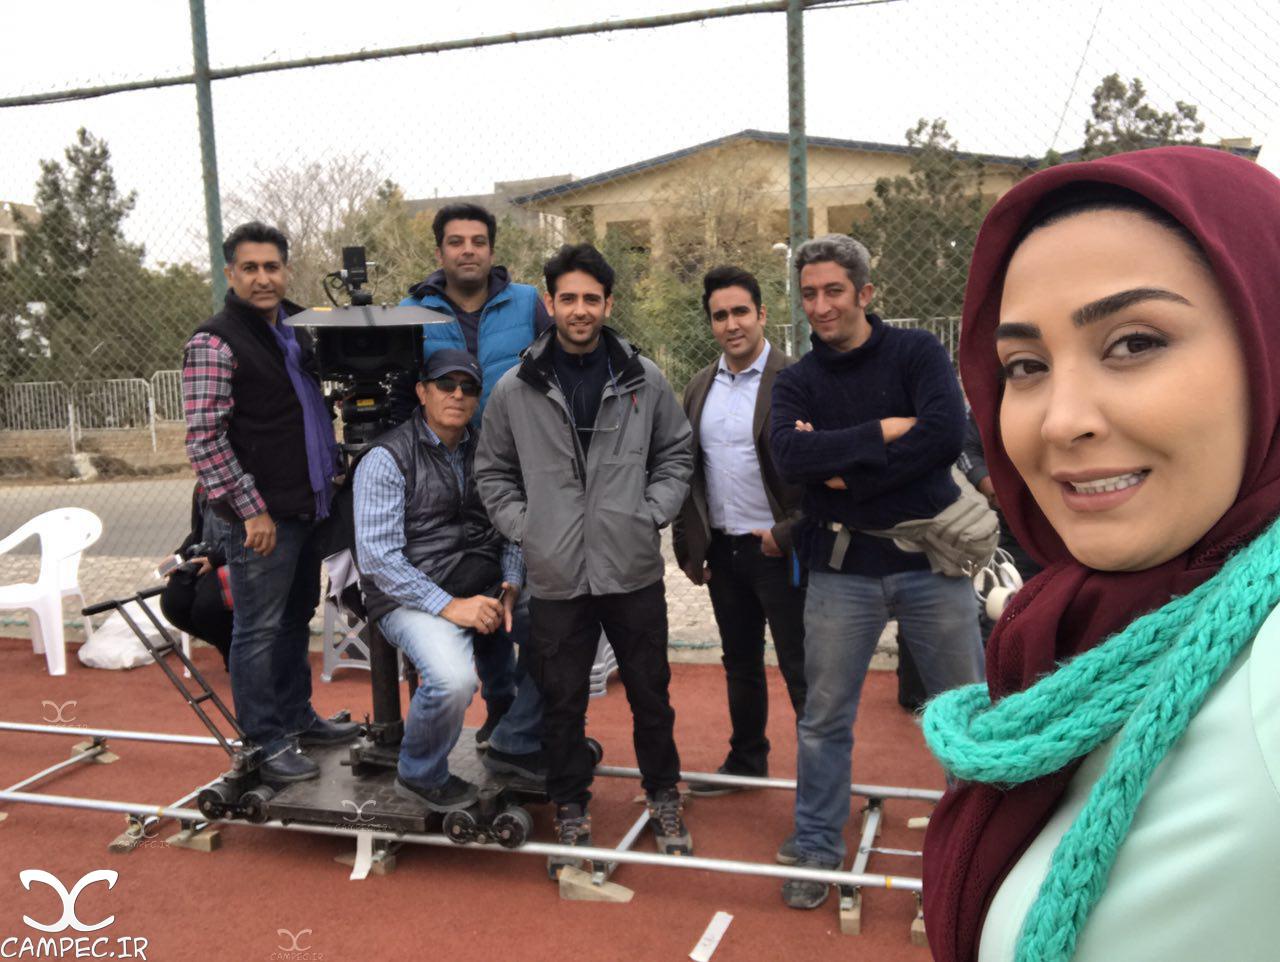 عکس بازیگران سریال مرز خوشبختی